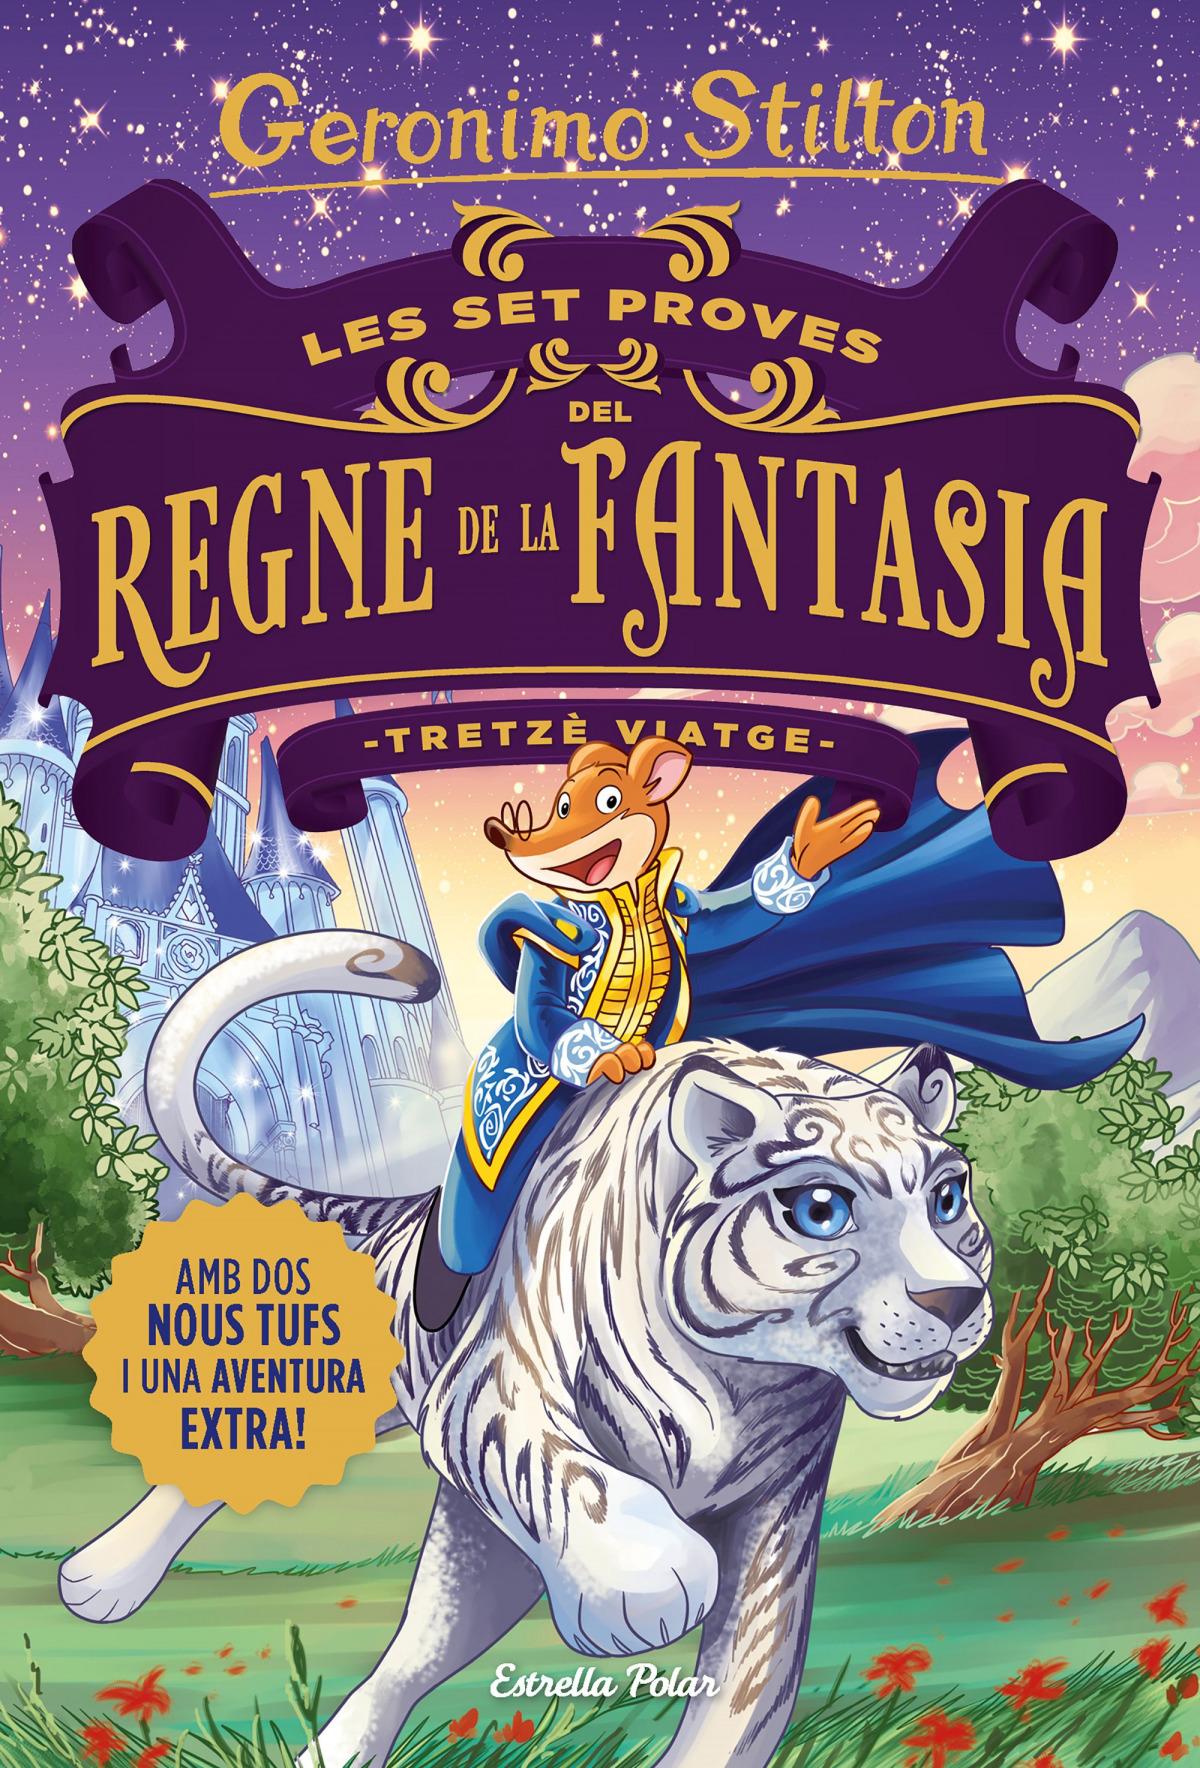 Les set proves del Regne de la Fantasia. Tretzÿ viatge